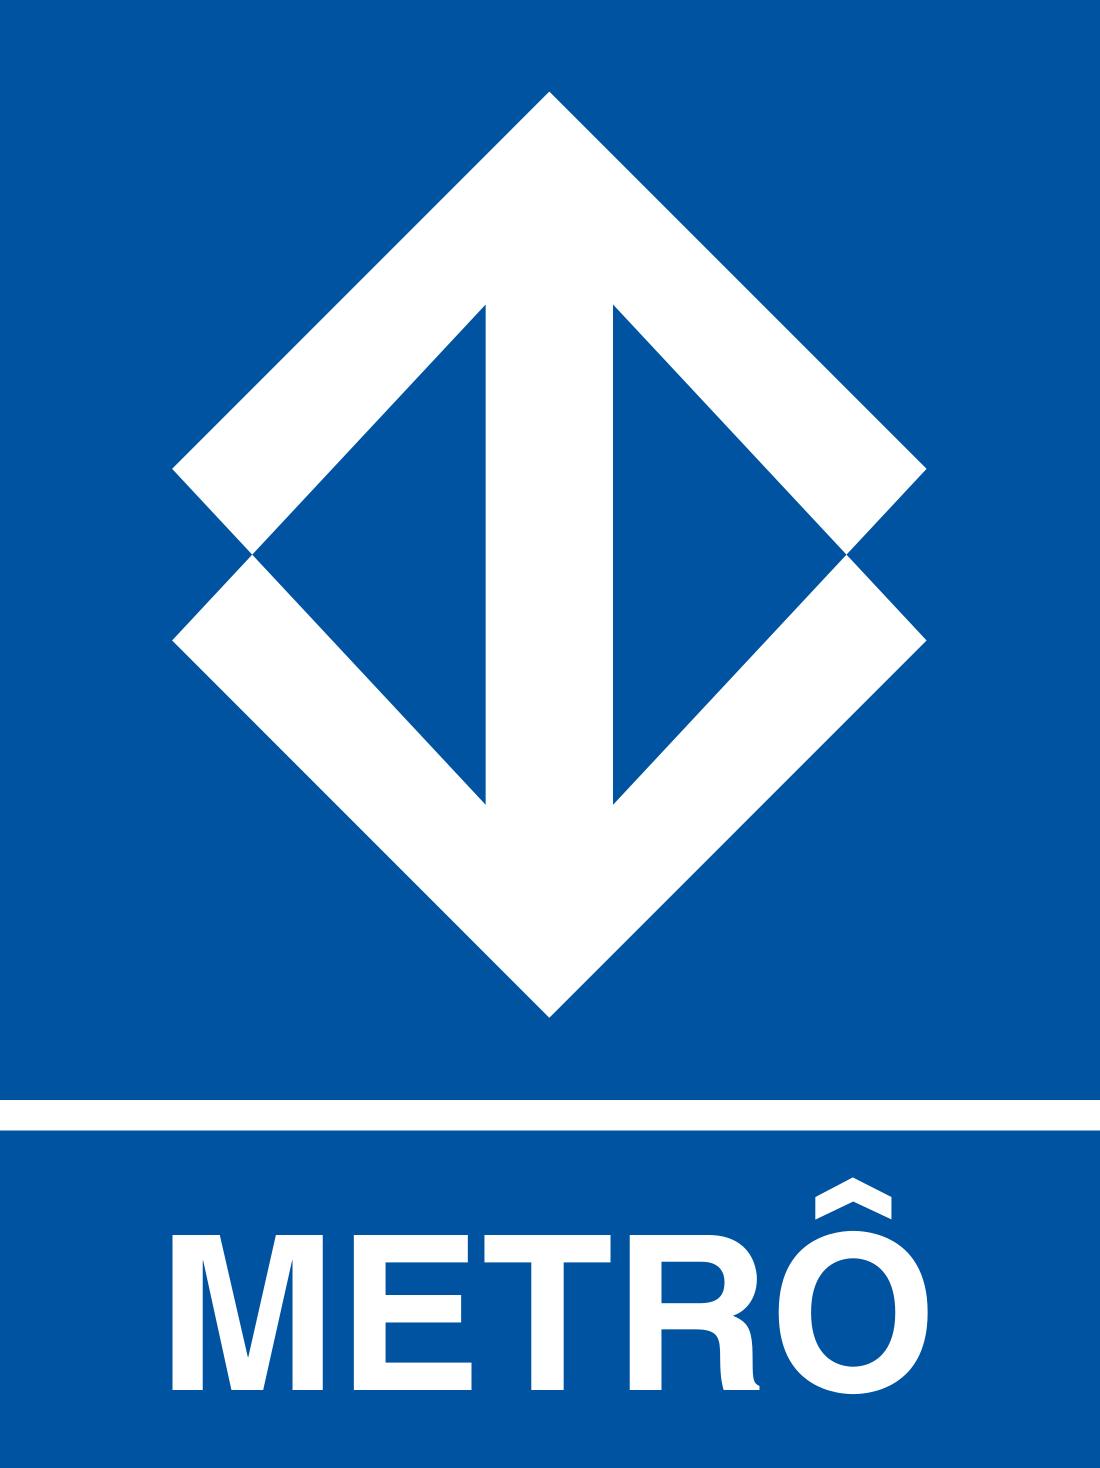 metro sp logo 5 - Metrô SP Logo